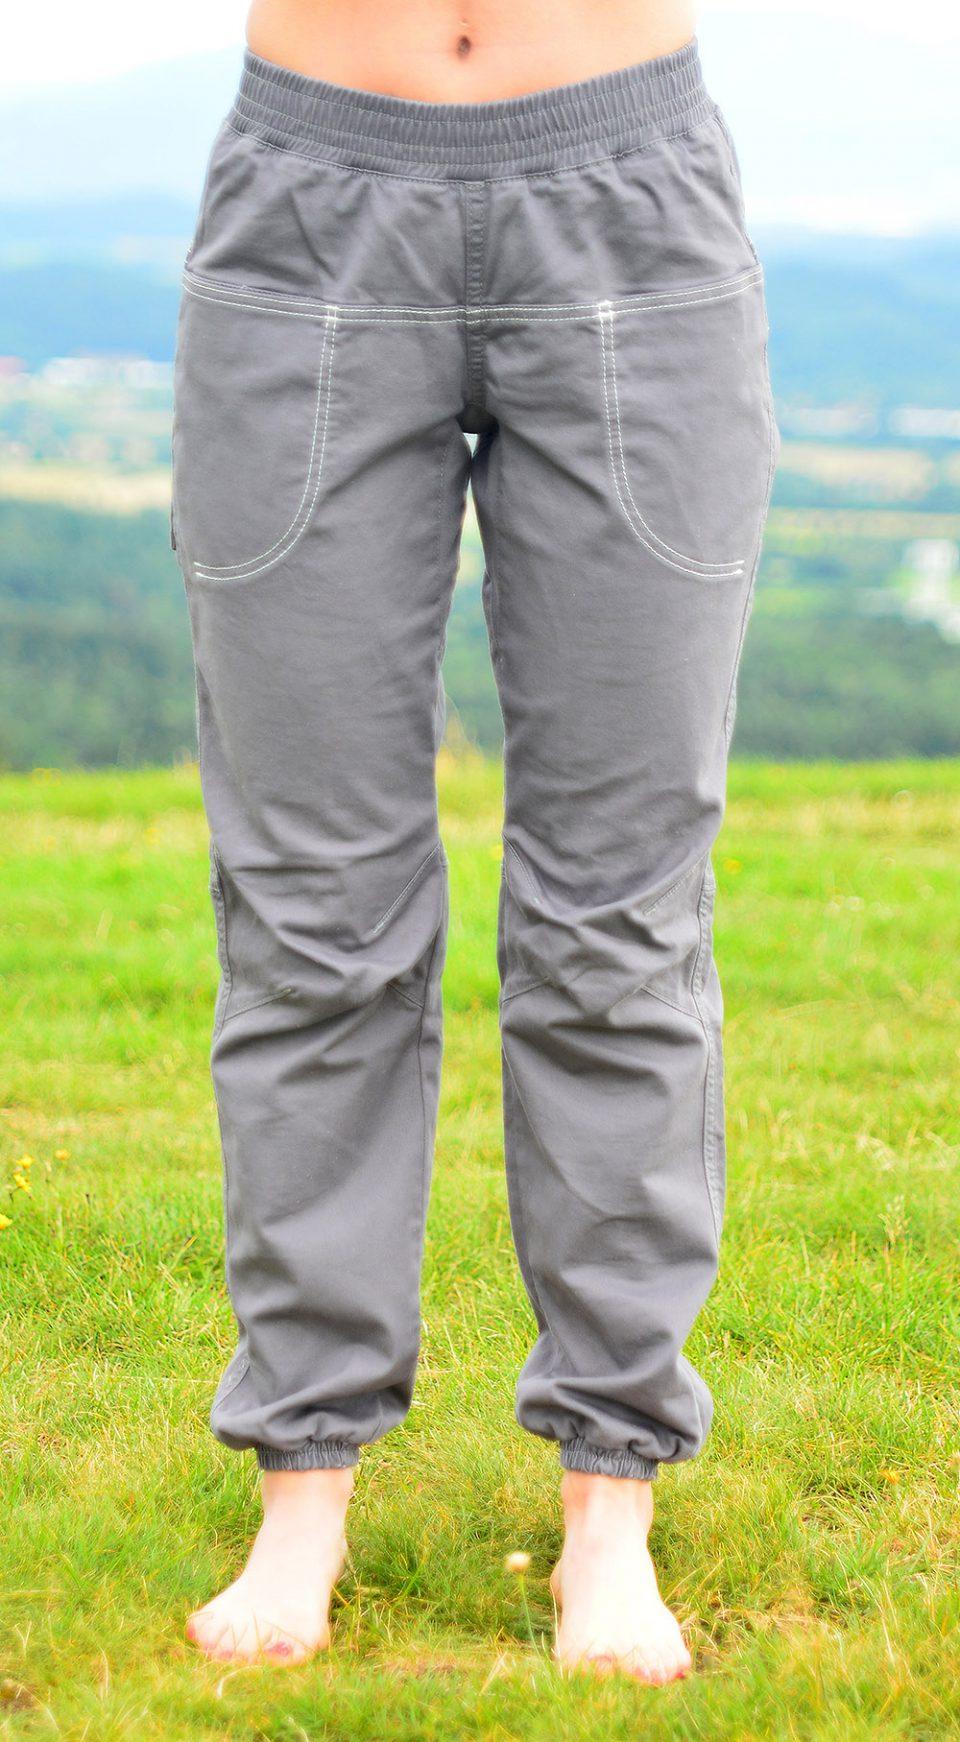 BALANCE pants - ligh grey